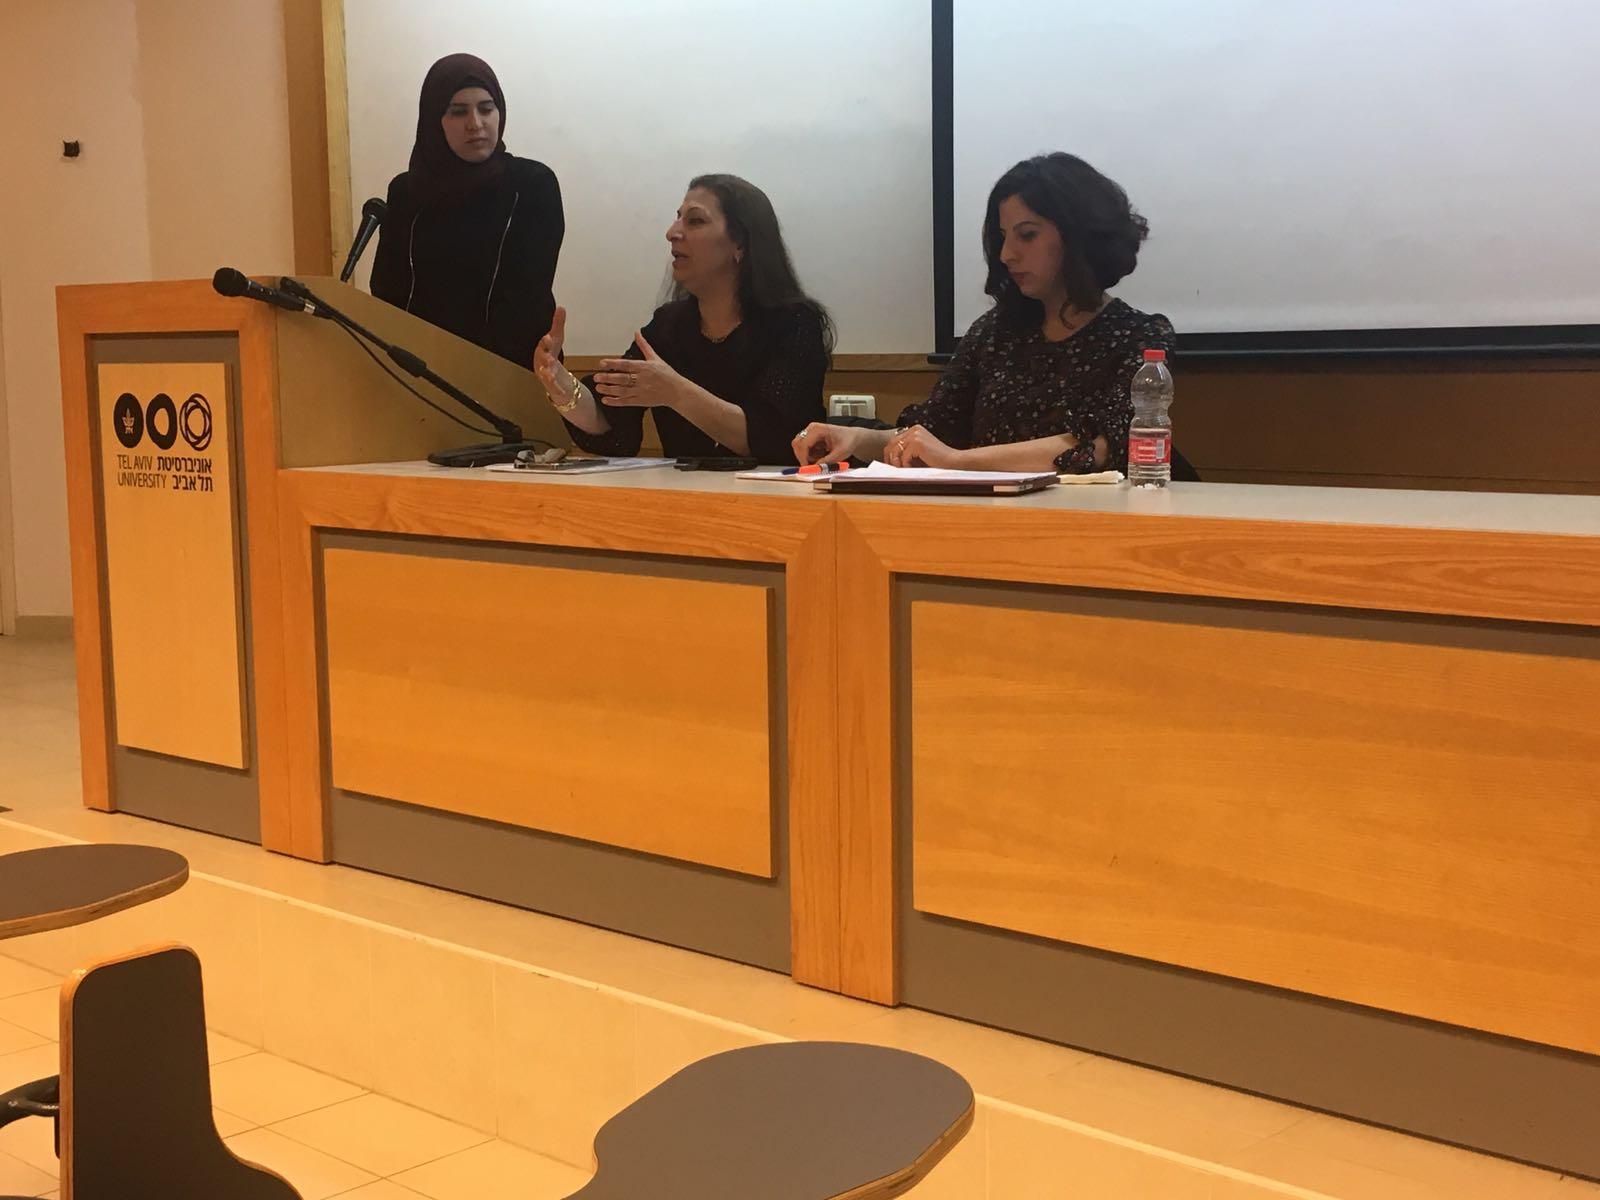 التجمع الطلابي في جامعة تل أبيب: مستمرون بالعمل والنشاط بكل قوة وكبرياء